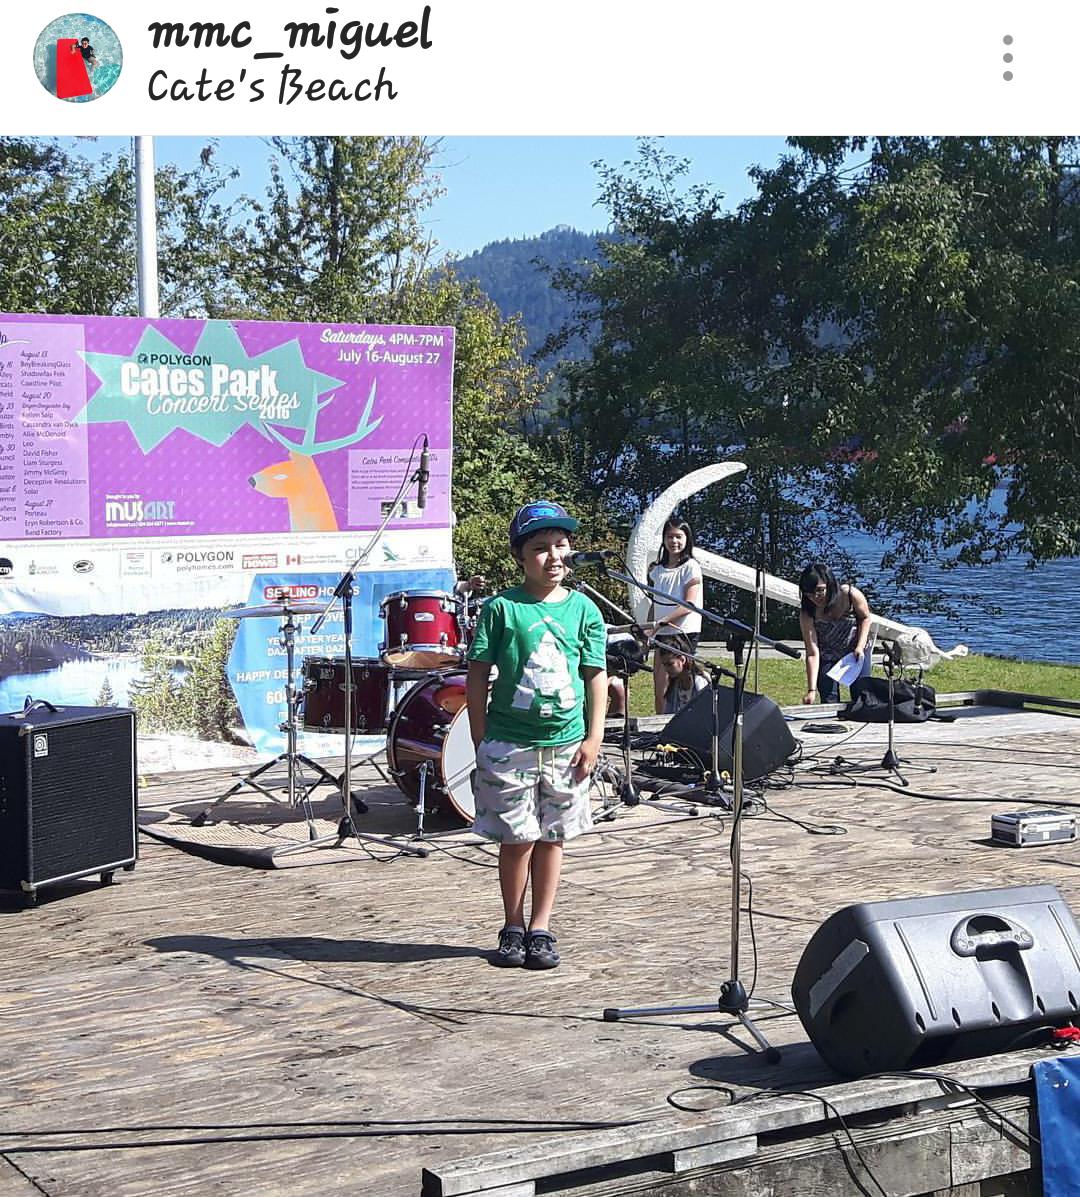 Cate's Beach